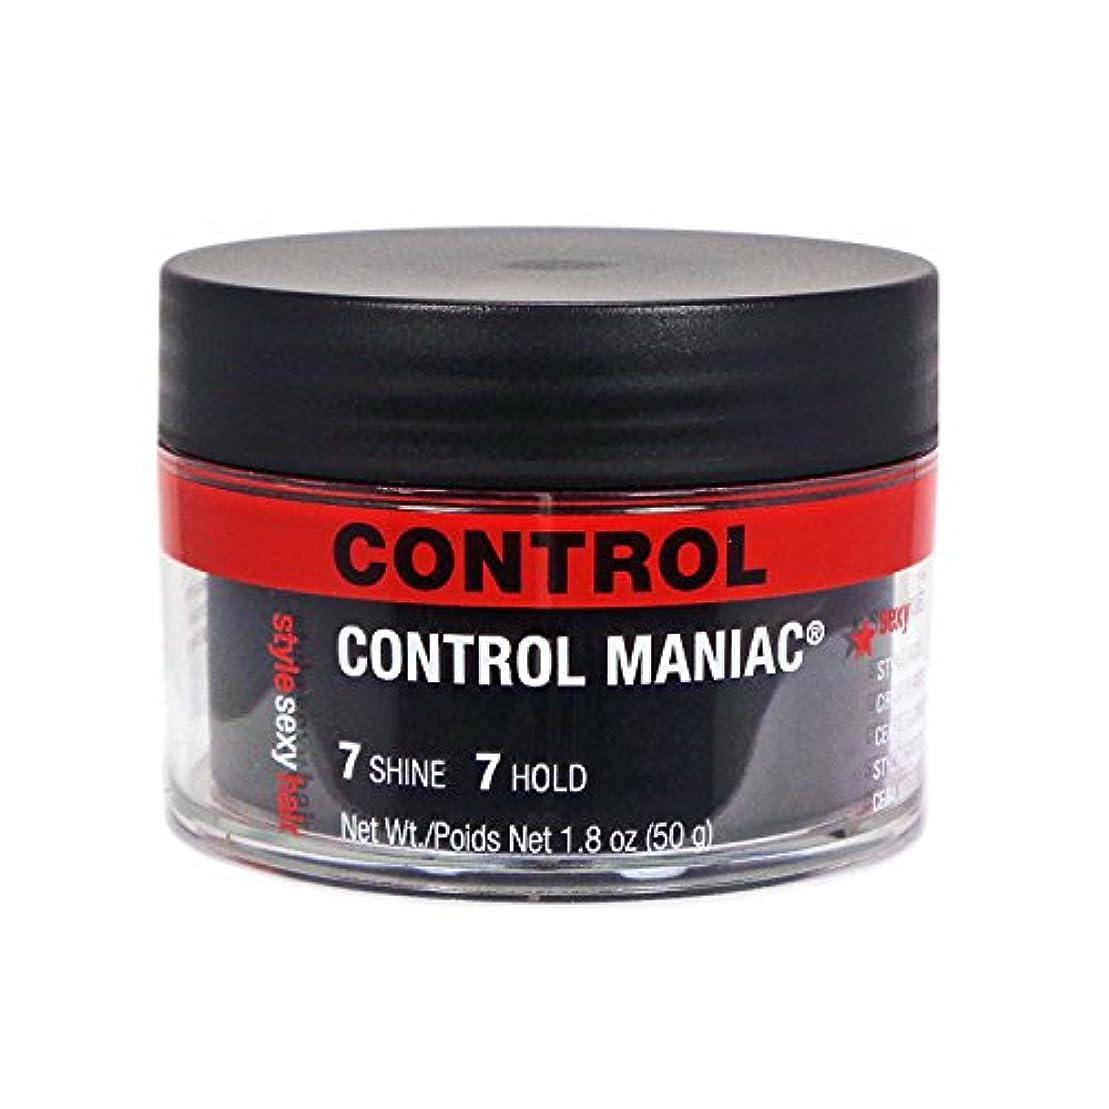 売上高気づく期待するセクシーヘアコンセプト スタイルワックスコントロールマニアックスタイリングワックス 50g